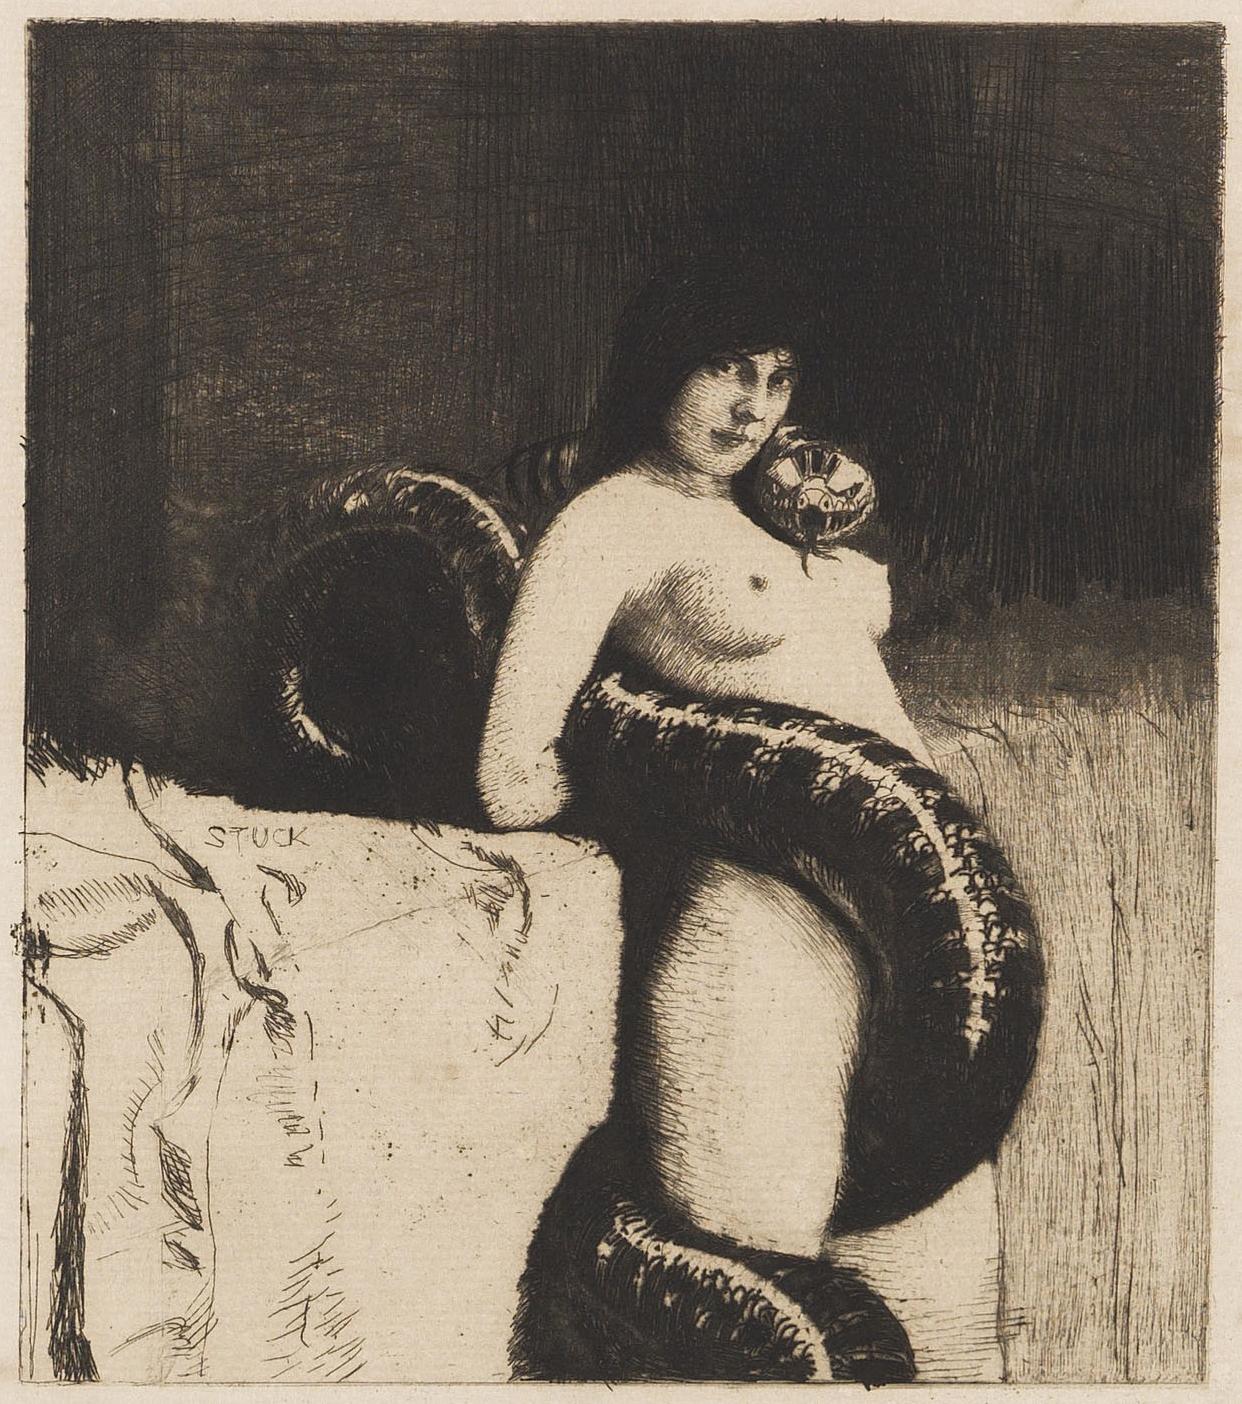 Die Sinnlichkeit, Franz von Stuck, 1889